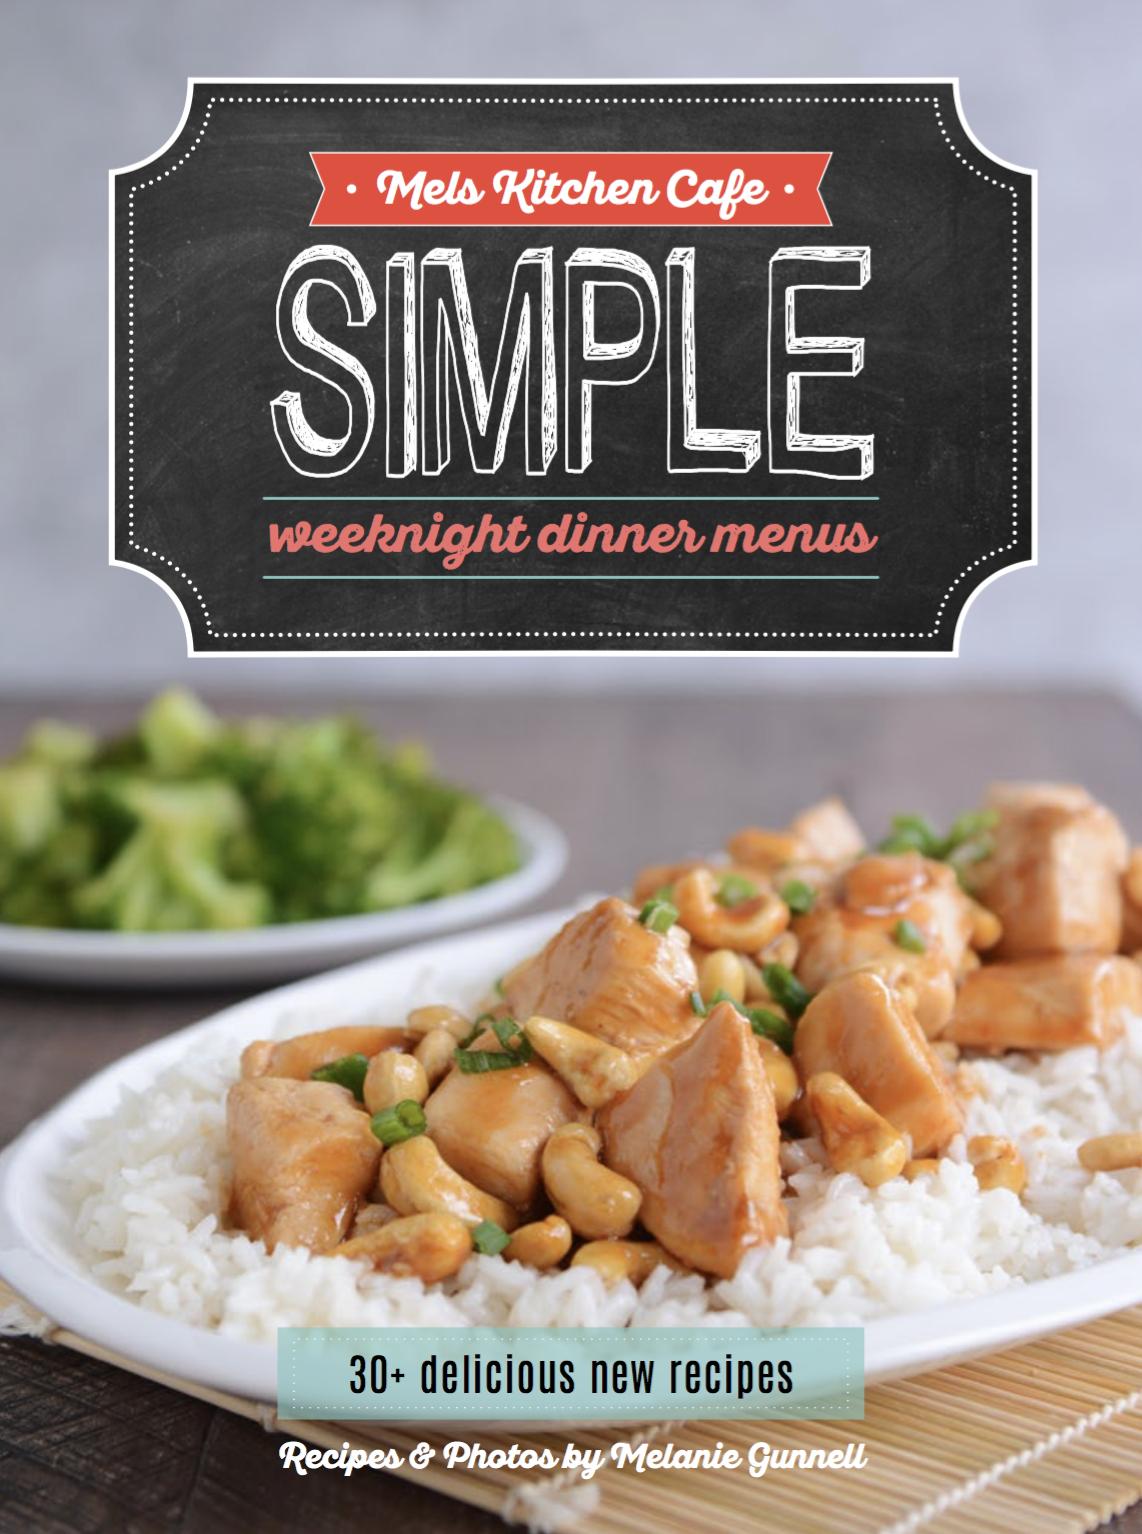 episode 71 e cookbook giveaway from mels kitchen cafe - Mels Kitchen Cafe